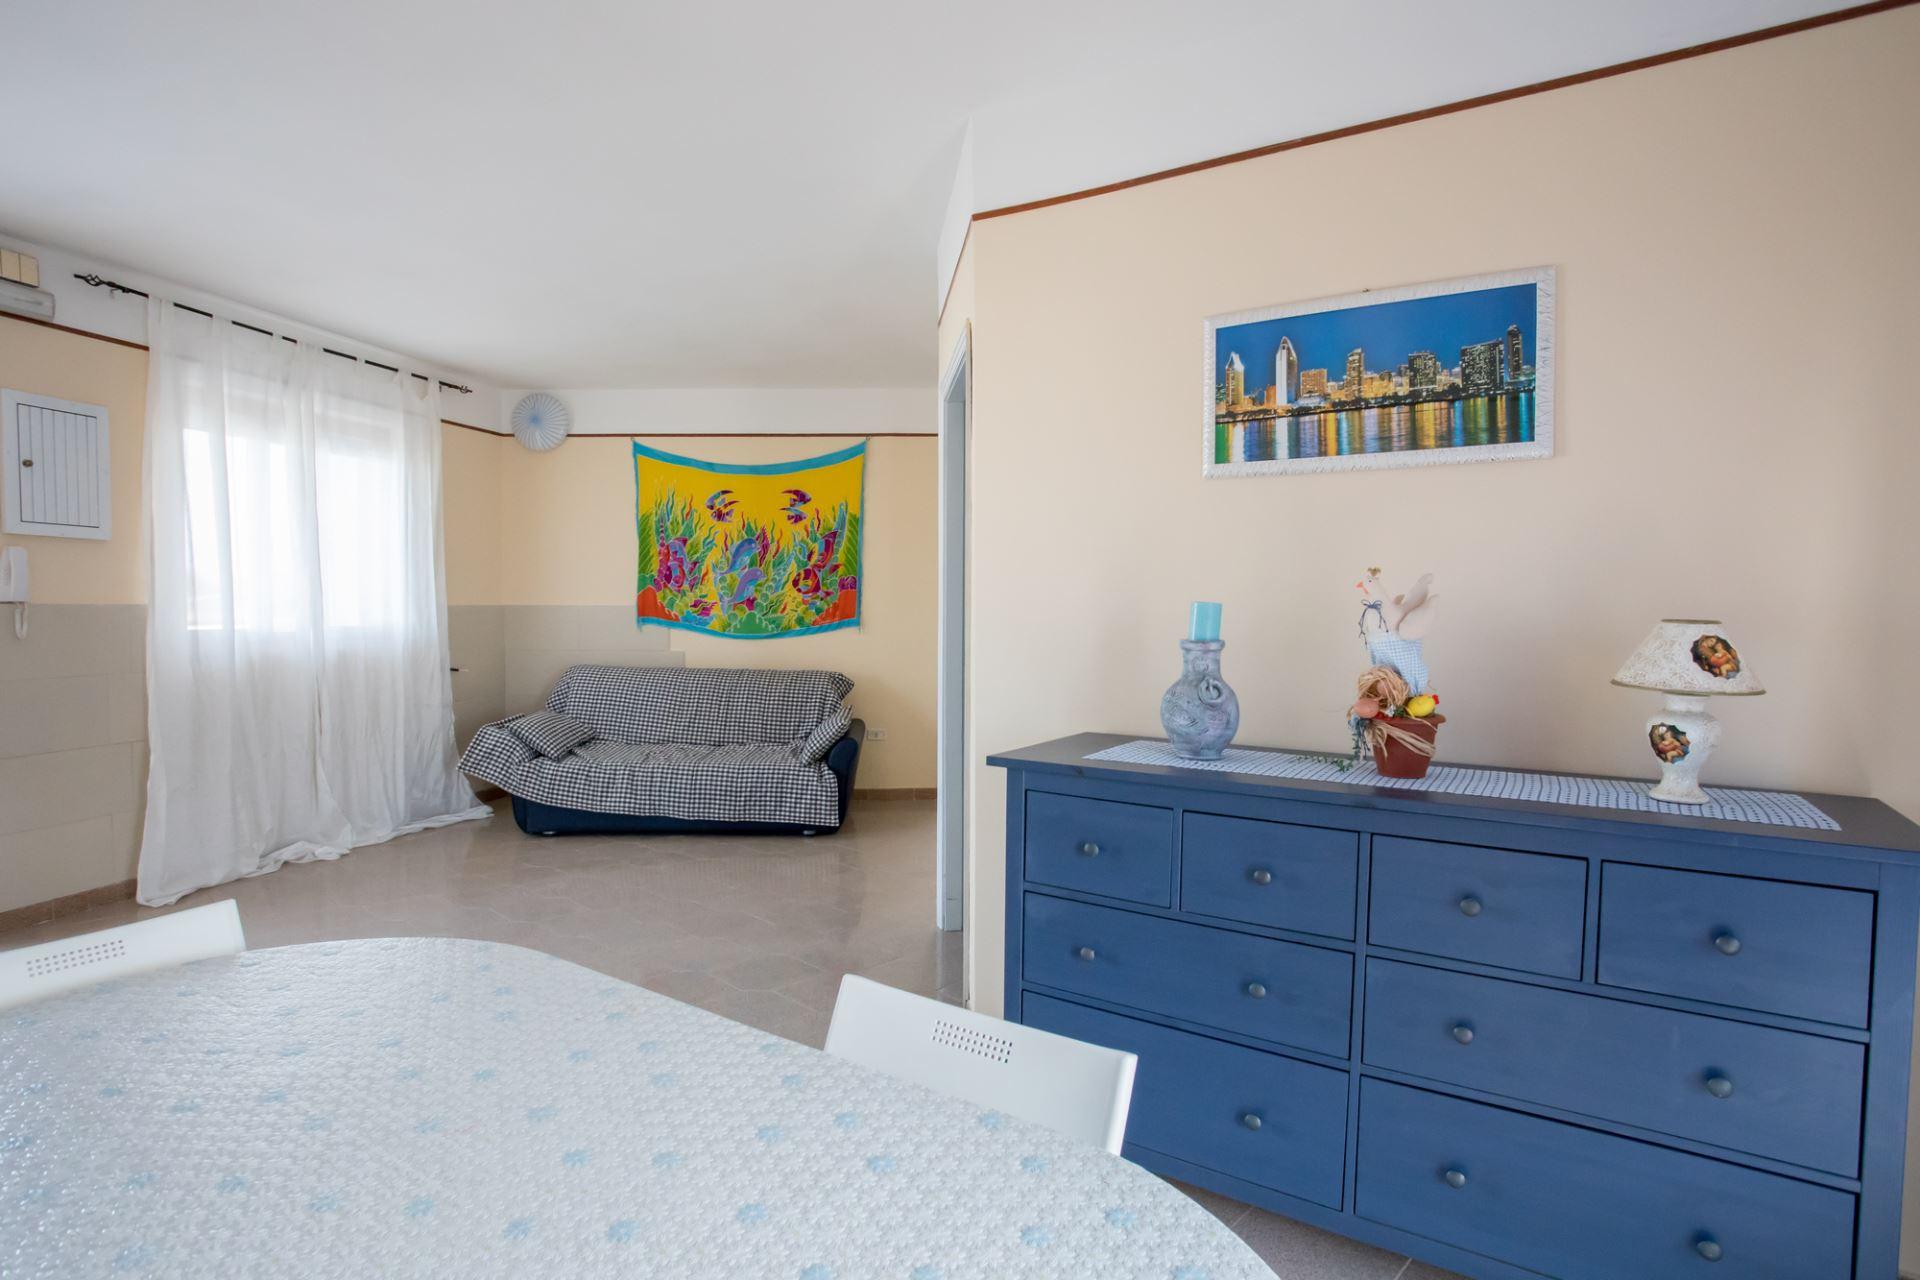 Appartamento Lucilla, 250 metri dalla spiaggia